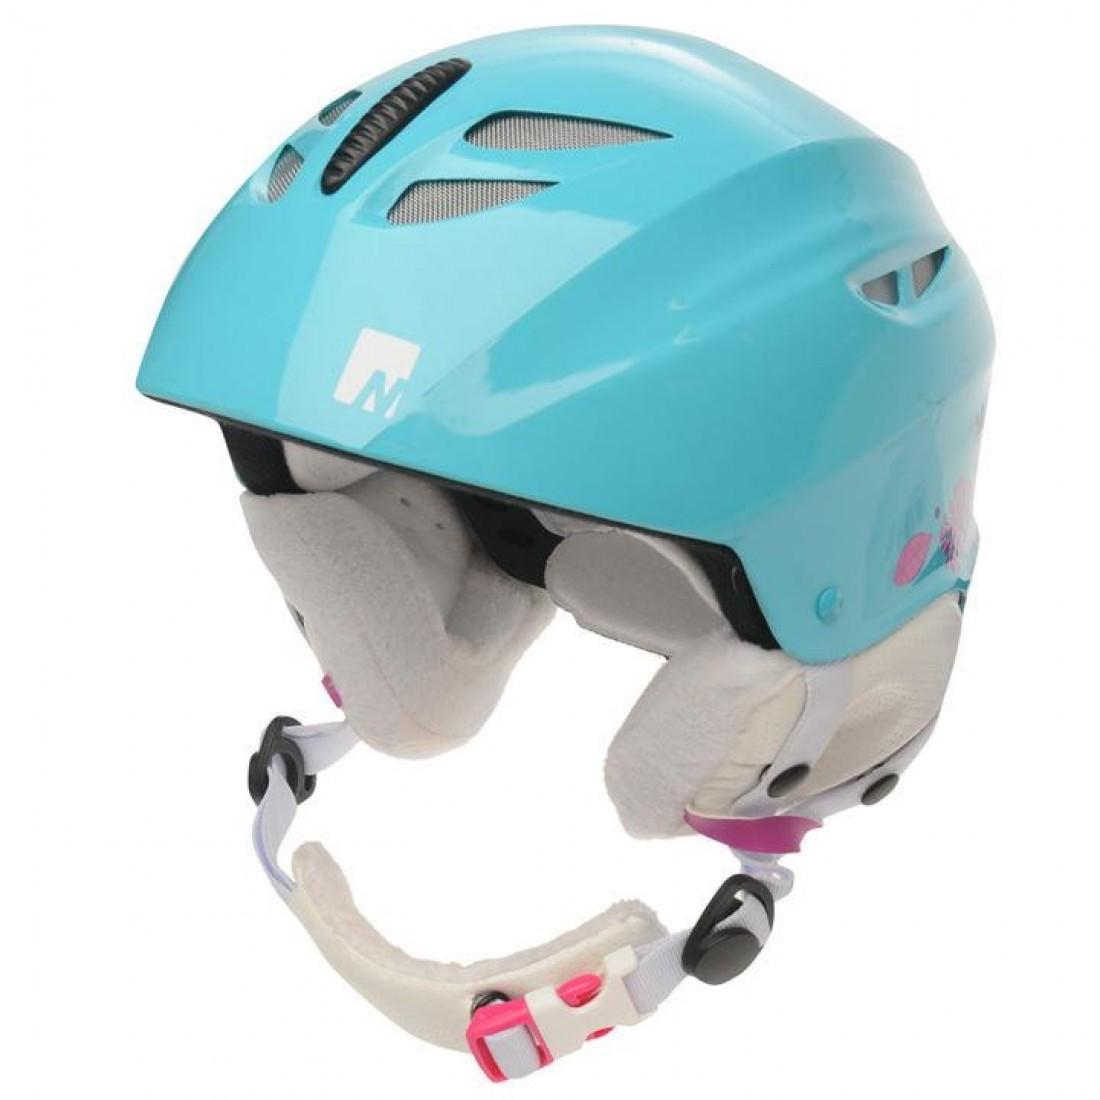 cc39cc8a912 Nevica Meribel детска юношеска каска за ски скиорска HelmetGl светло синя  регулируема размер 50 - 54 см